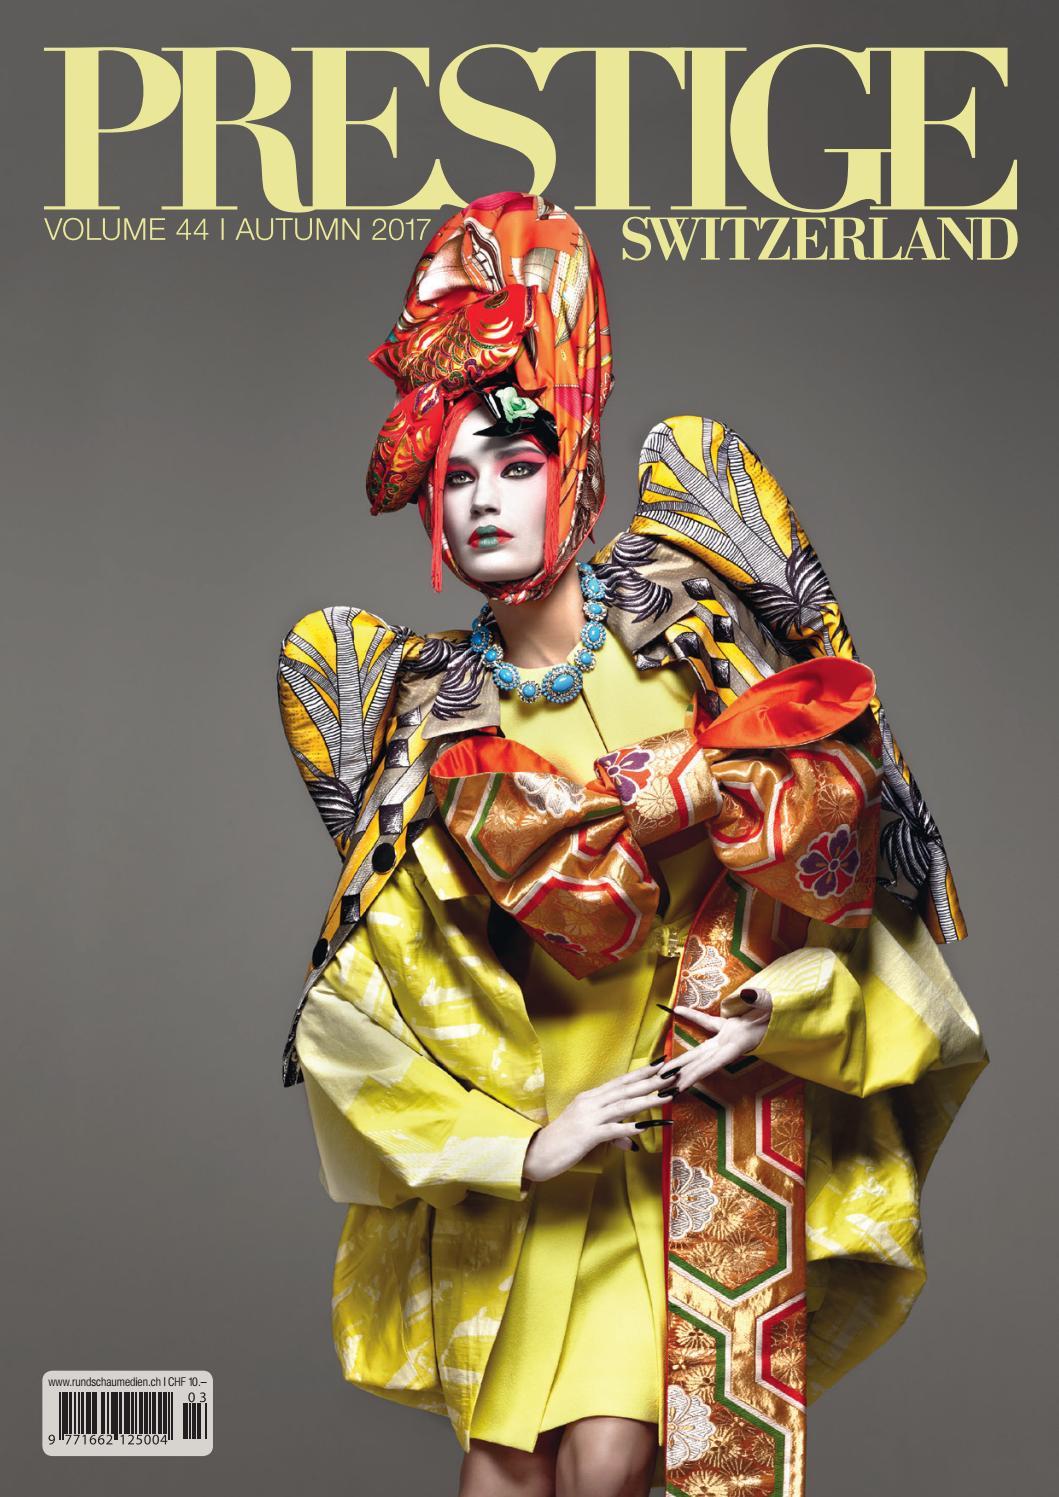 PRESTIGE Switzerland Volume 44 by rundschauMEDIEN AG - issuu